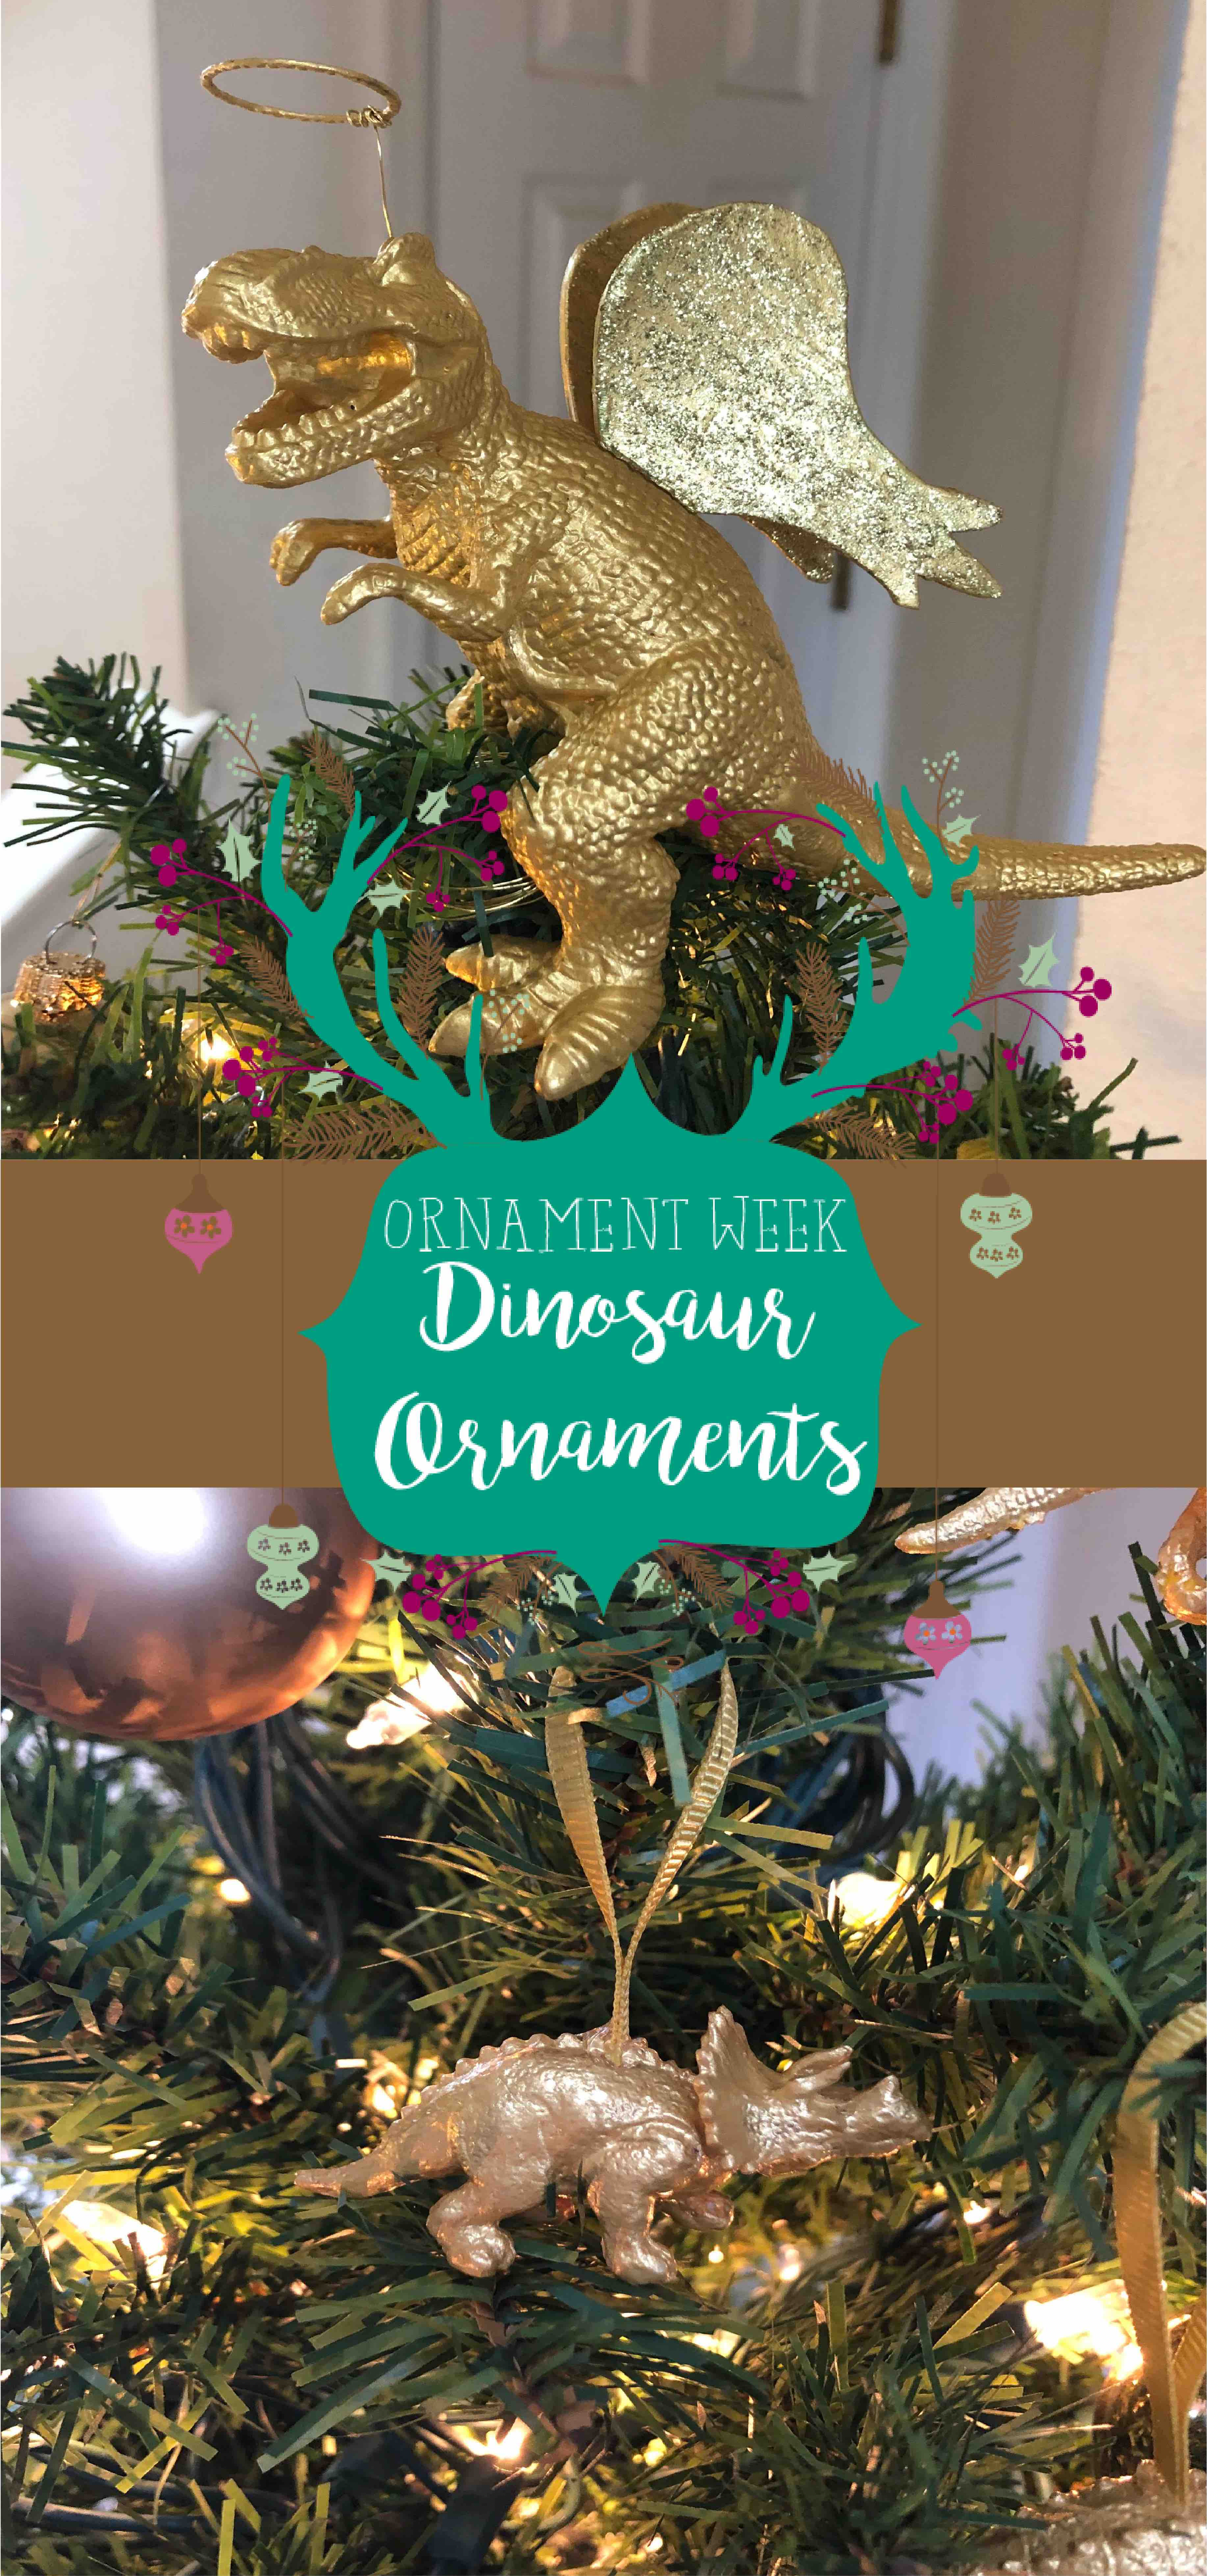 Ornament Week Diy Dinosaur Ornaments A Gypsy Life For Me